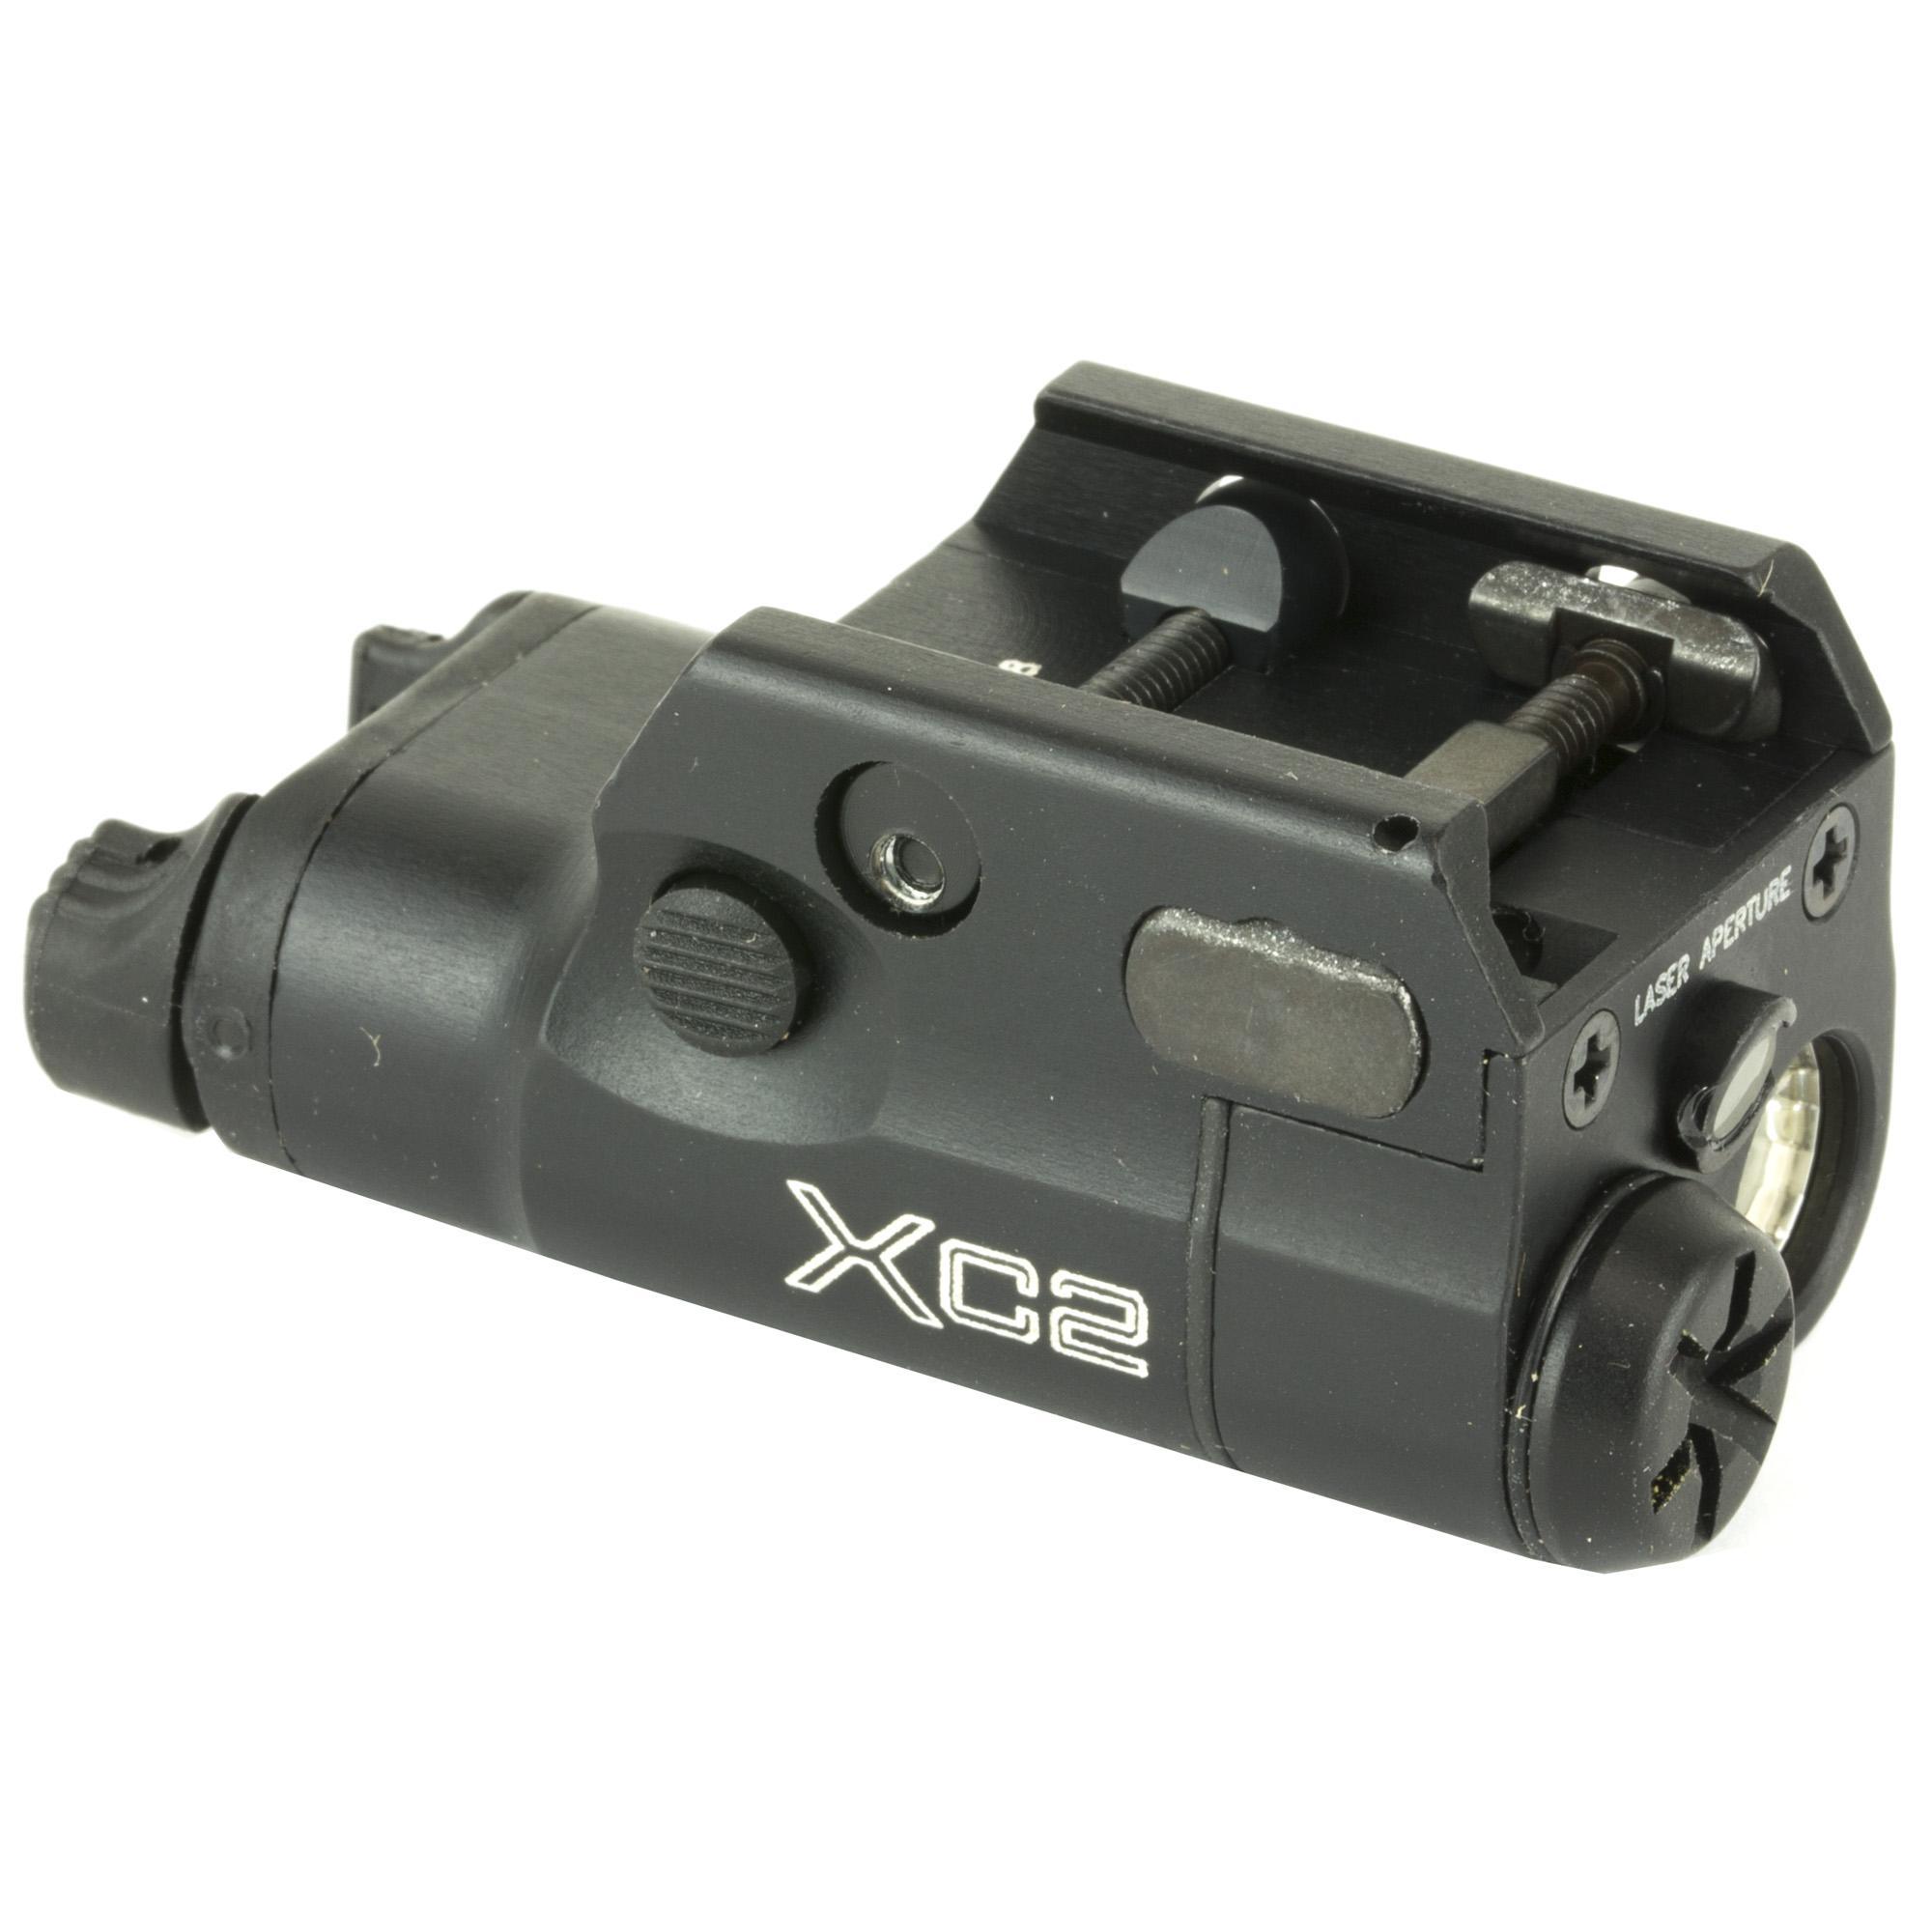 Surefire Surefire Xc2a Cmpt Pistol Lht/lsr Black